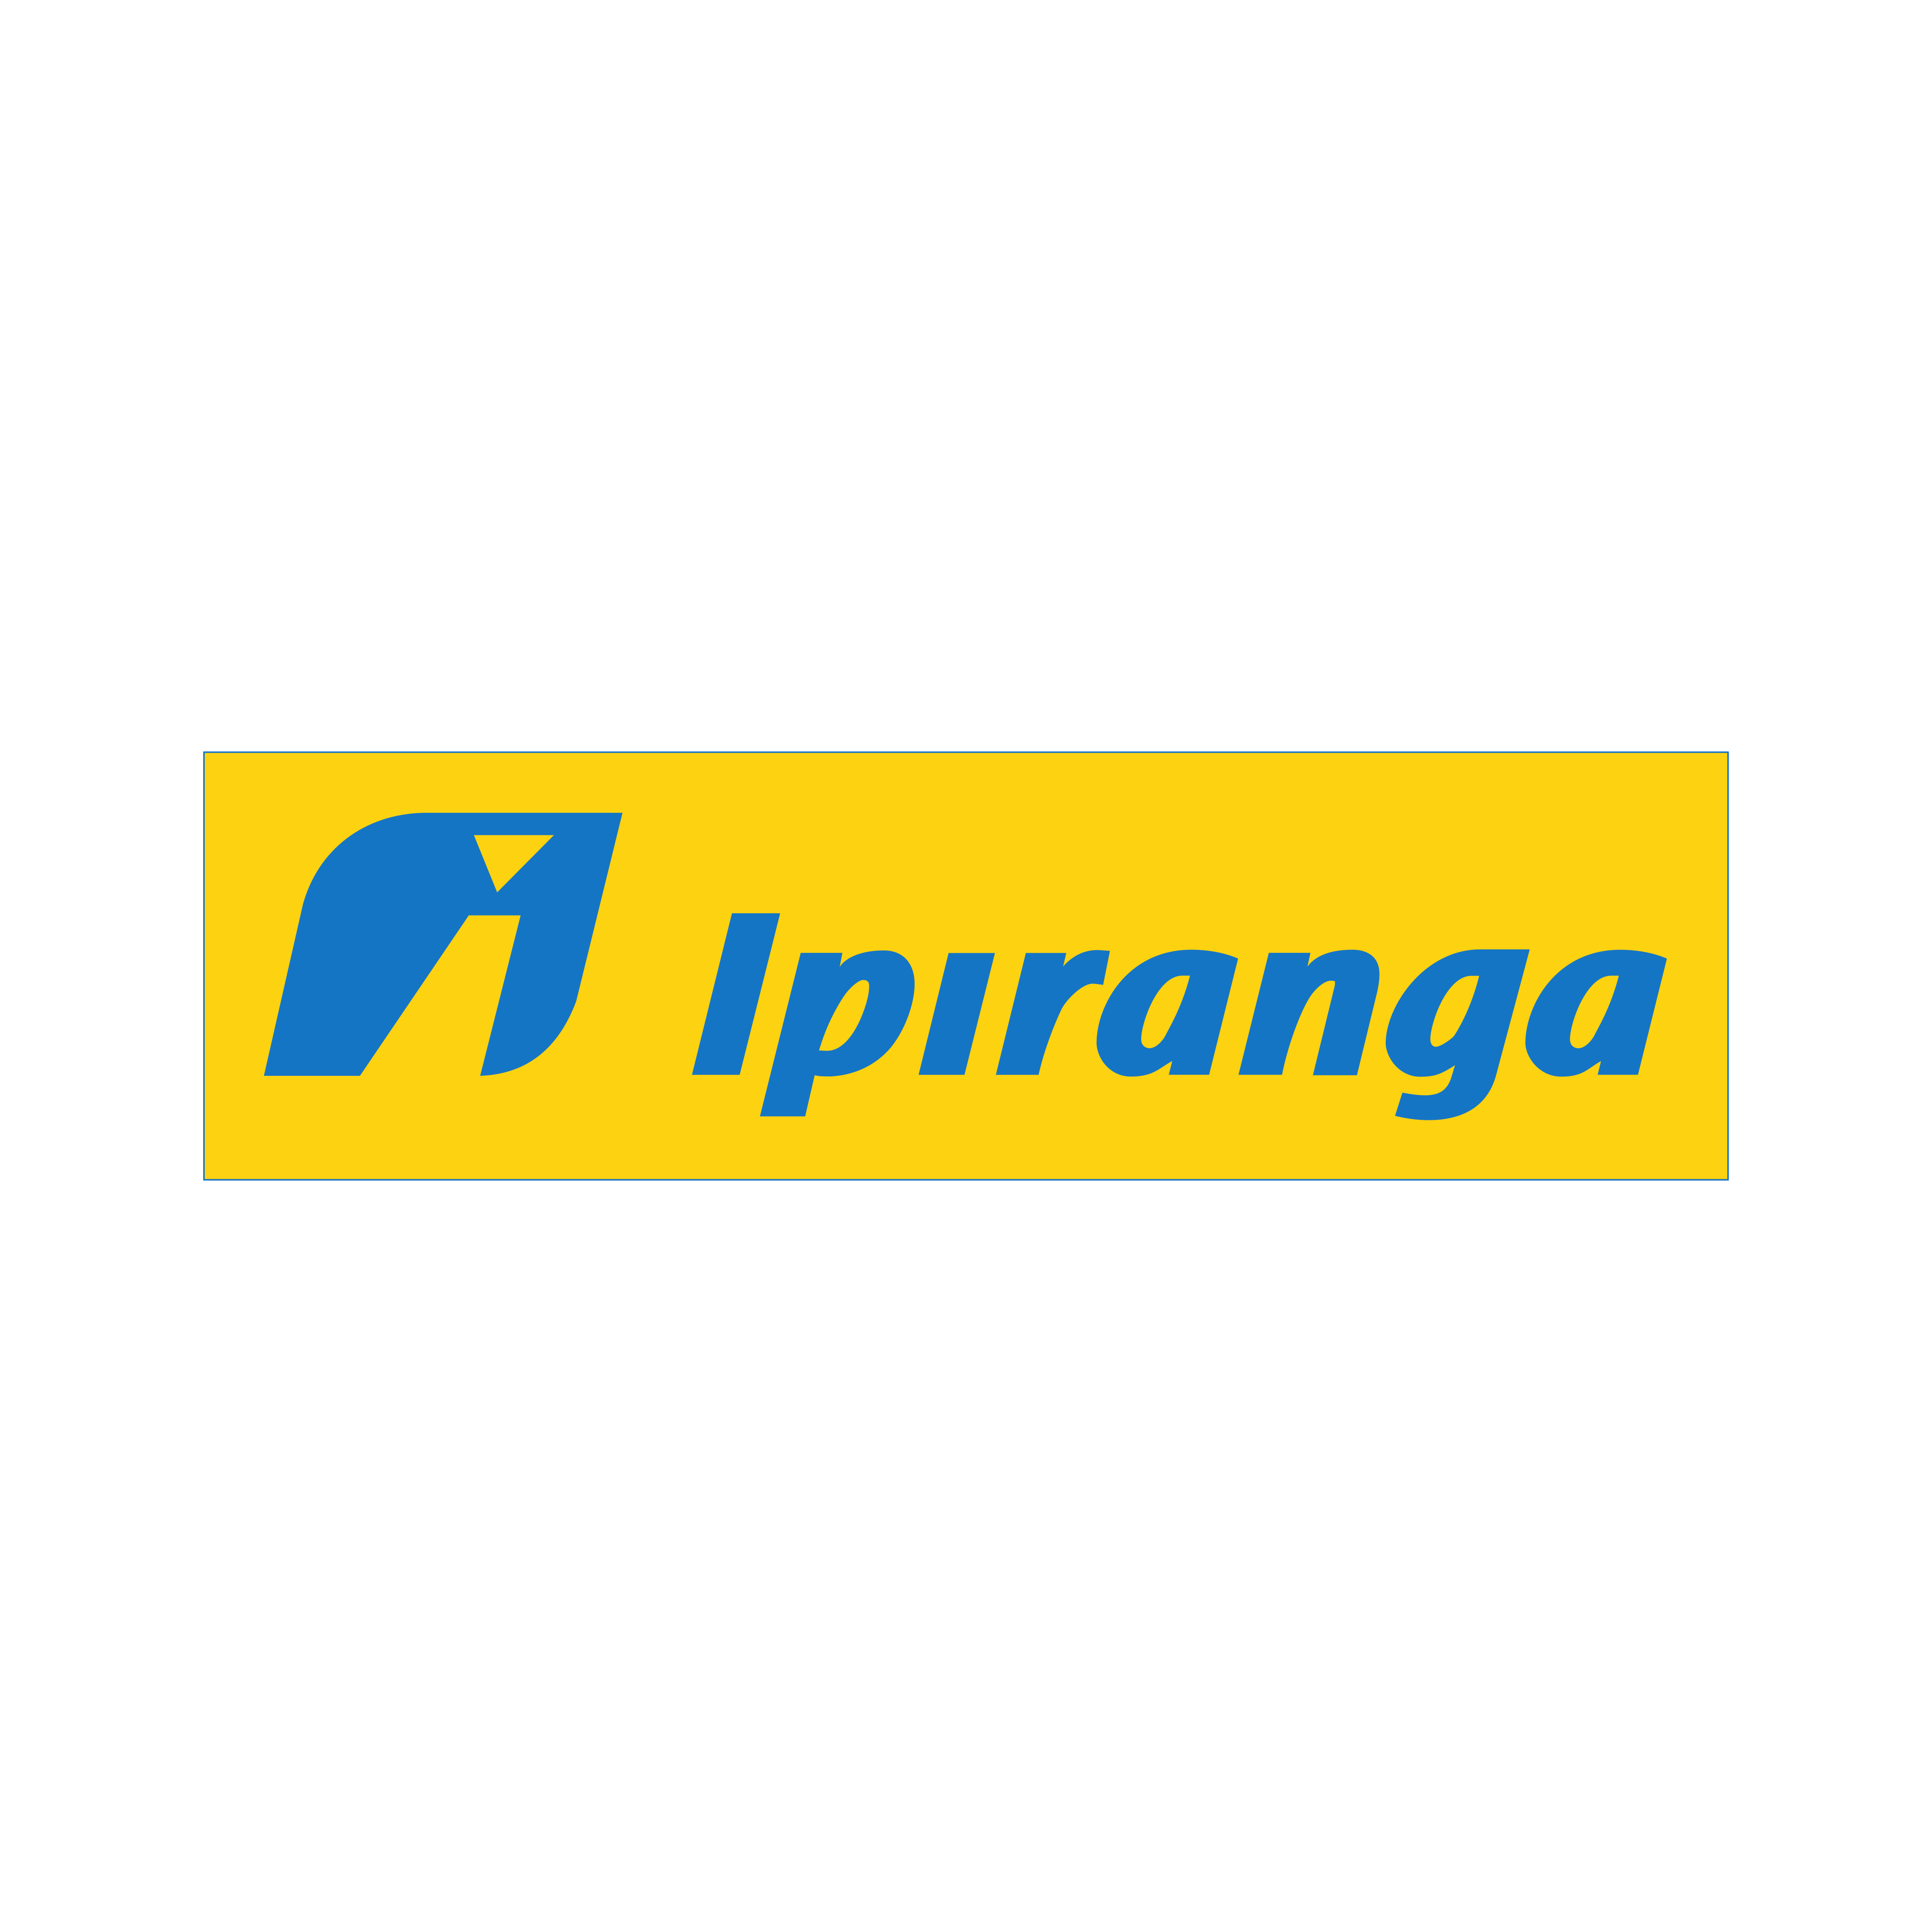 ipiranga logo 0 - Ipiranga Logo